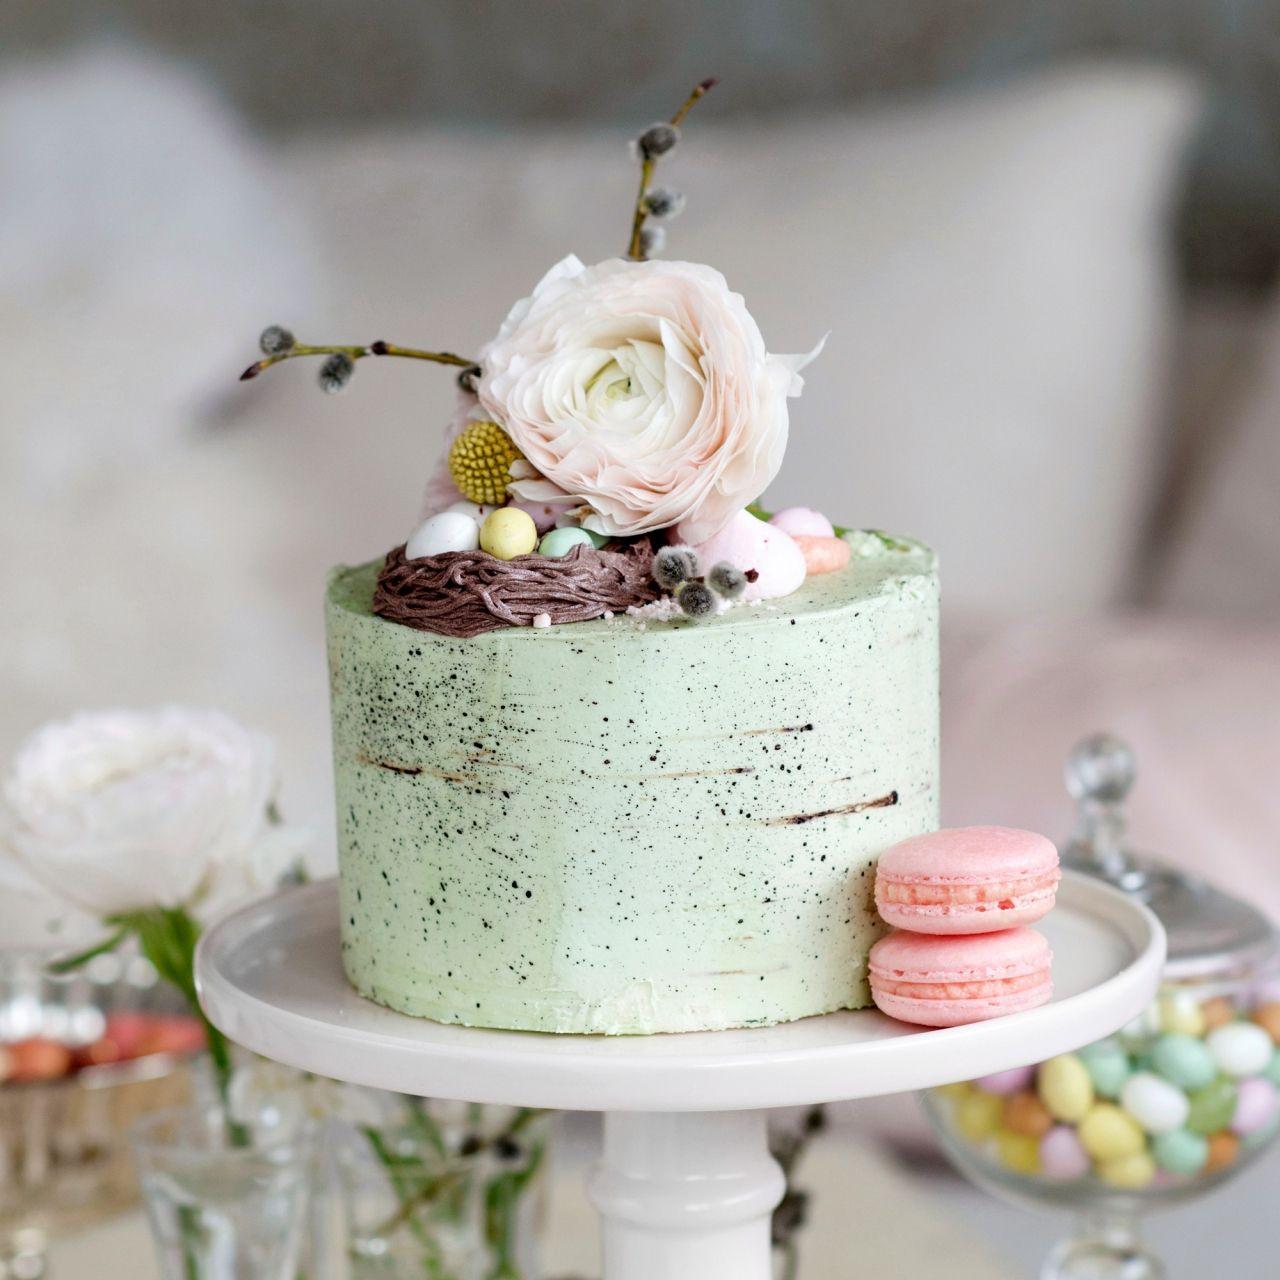 ff7141a28859 Vacker tårta fylld med hallonfrosting och lemon curd, och täckt med en  vanilj- & marängsmörkräm.